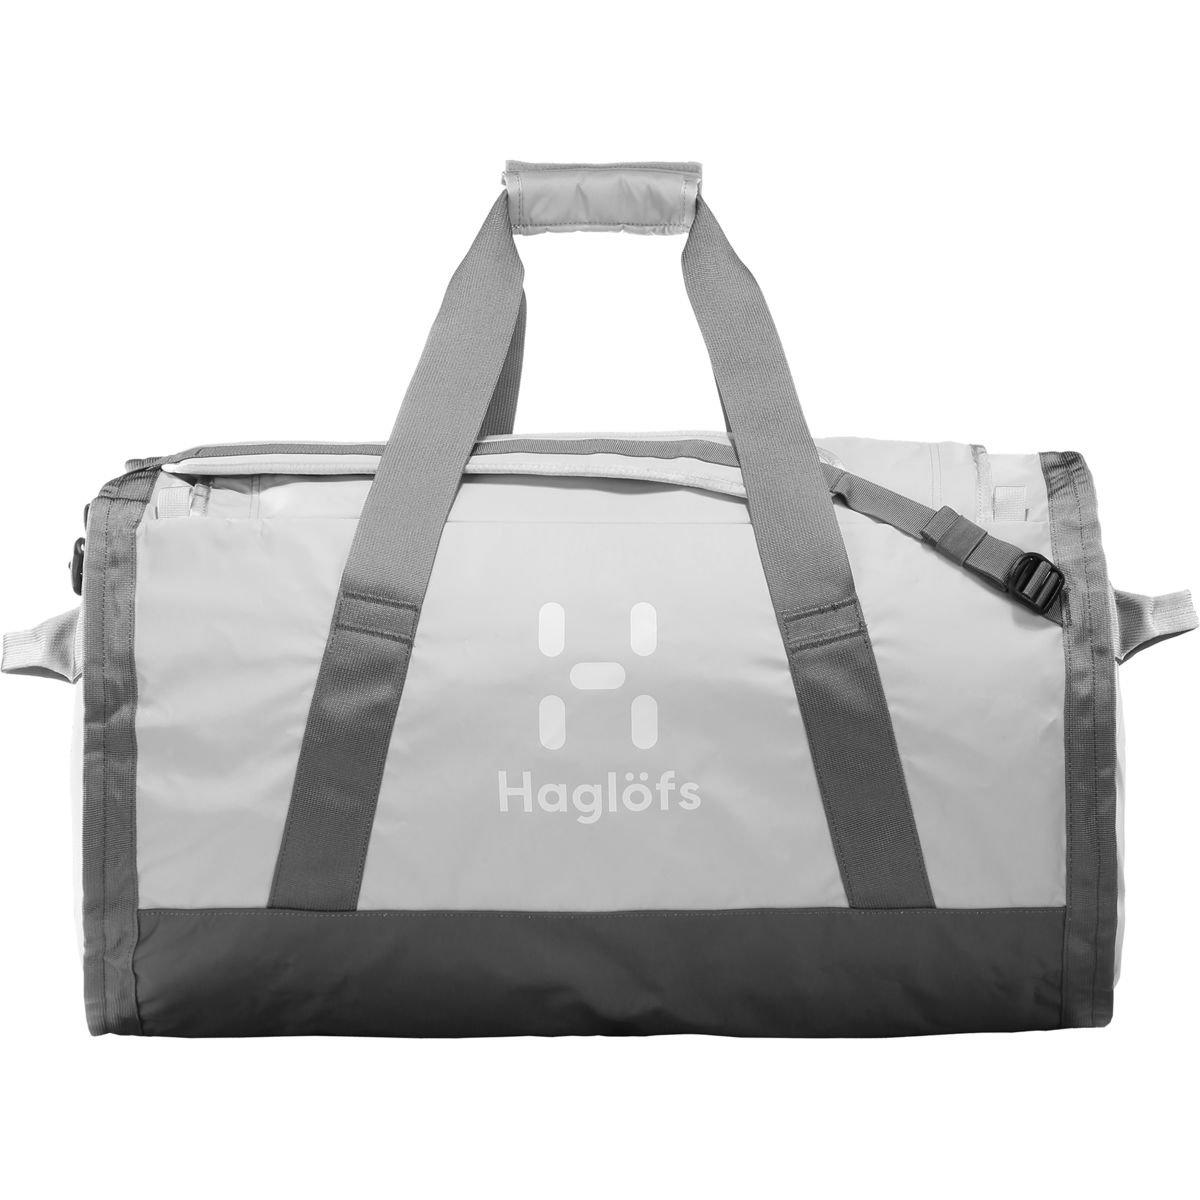 Haglöfs Lava 90 Sporttasche, Unisex, Erwachsene Einheitsgröße